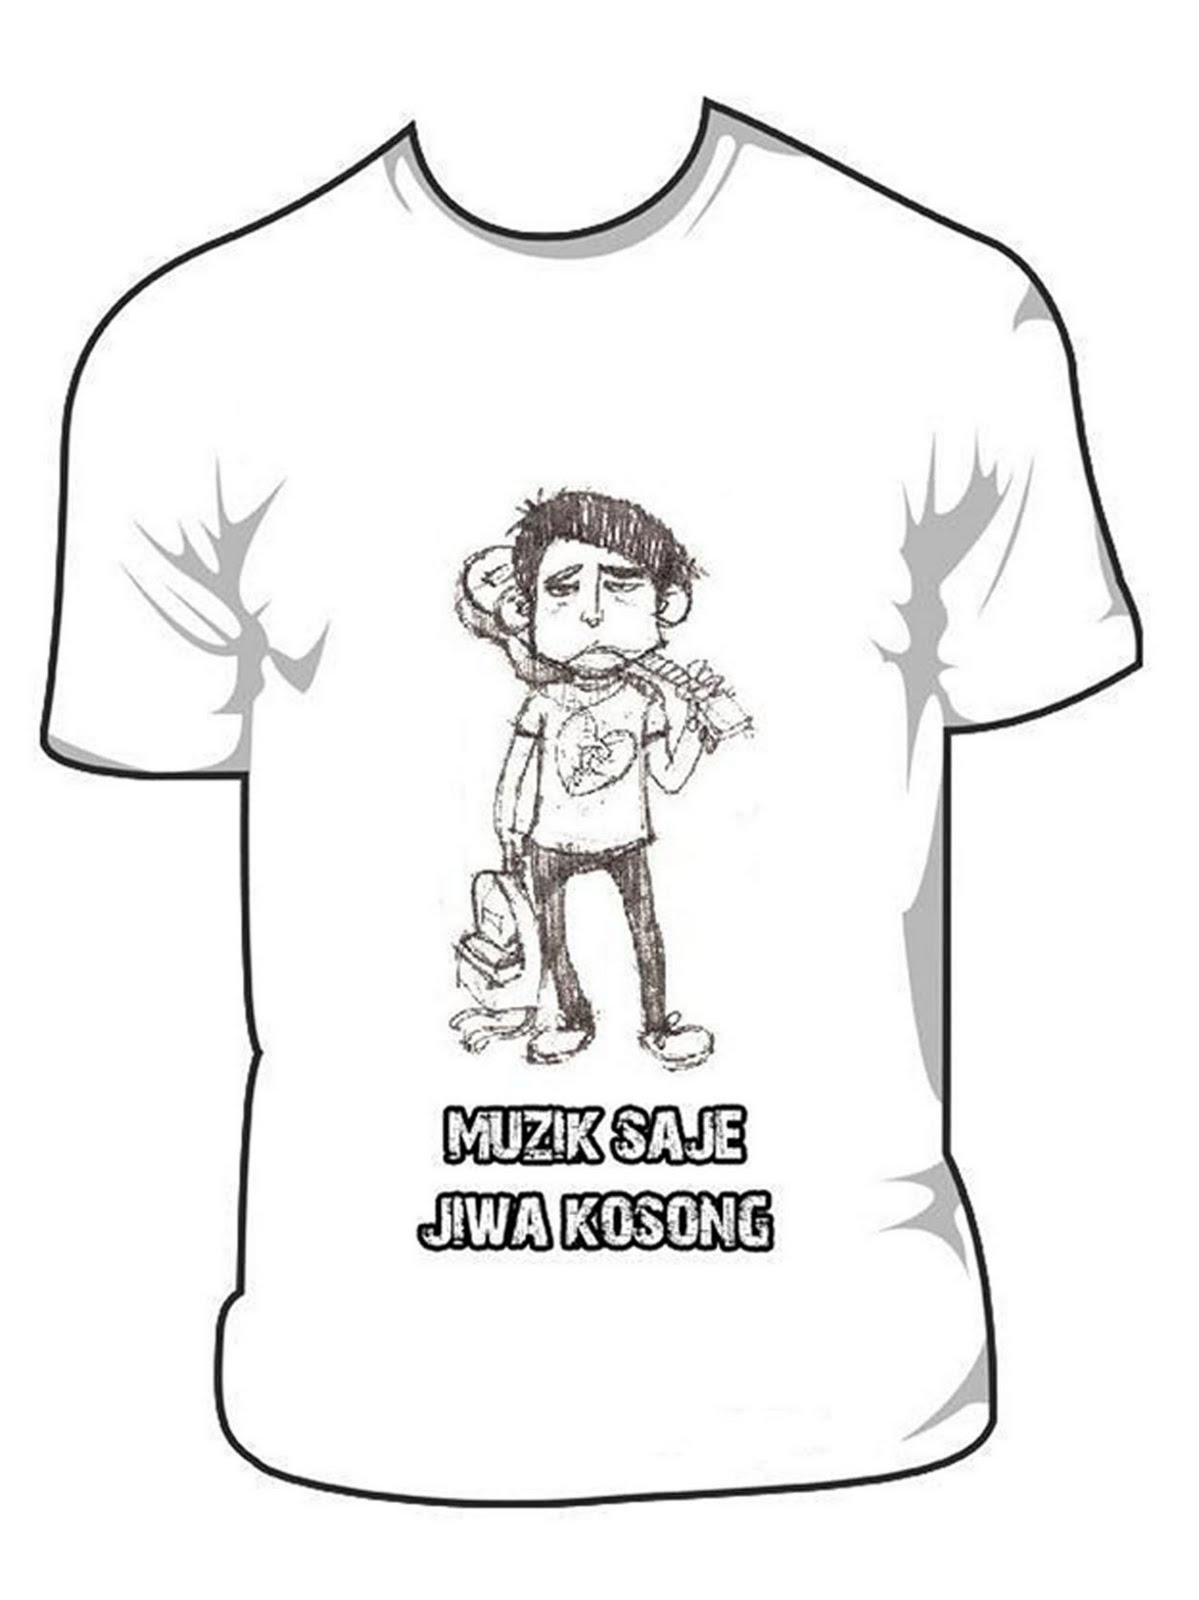 The Solution For Quality Tshirt Printing: www.eztshirt